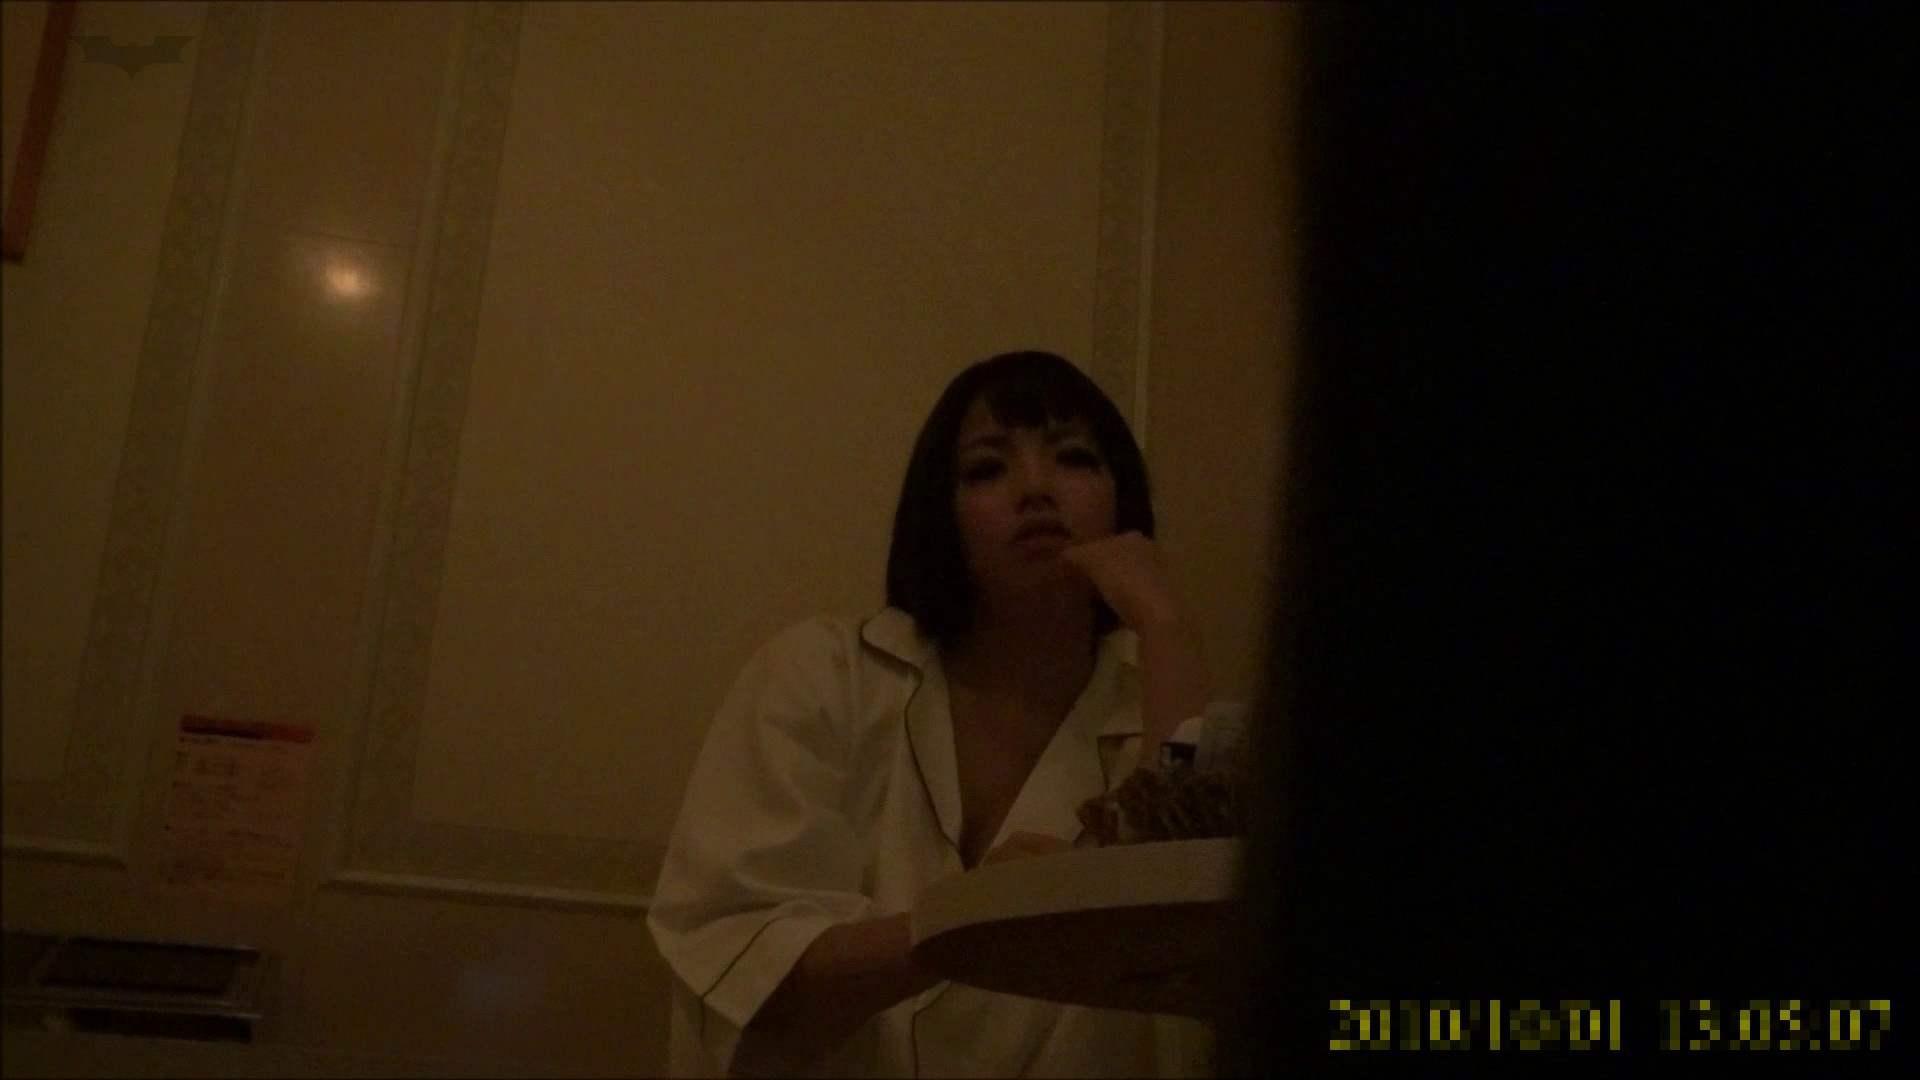 【未公開】vol.96 {茶髪→黒髪ギャル}美巨乳アミちゃん③【前編】 トイレ中   ホテル  96連発 24